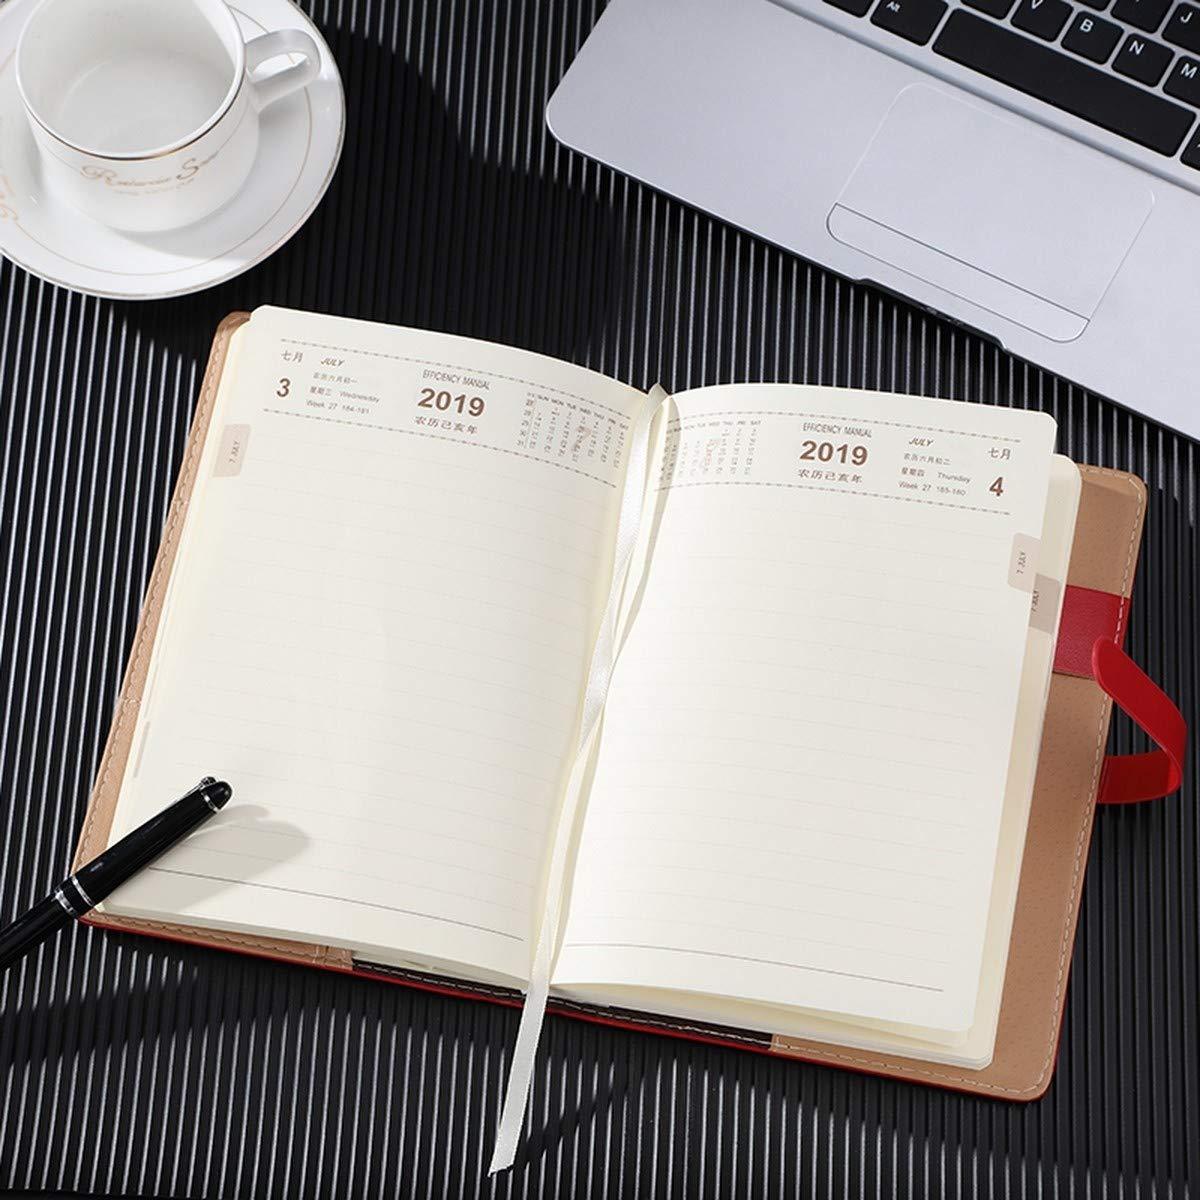 NTCY Cuaderno Programa De De Trabajo Manual De Programa Eficiencia 2019 Este Bloc De Notas Bloc De Notas Bloc De Notas Oficina De Negocios Papelería Bloc De Notas Grande,C a1b51c